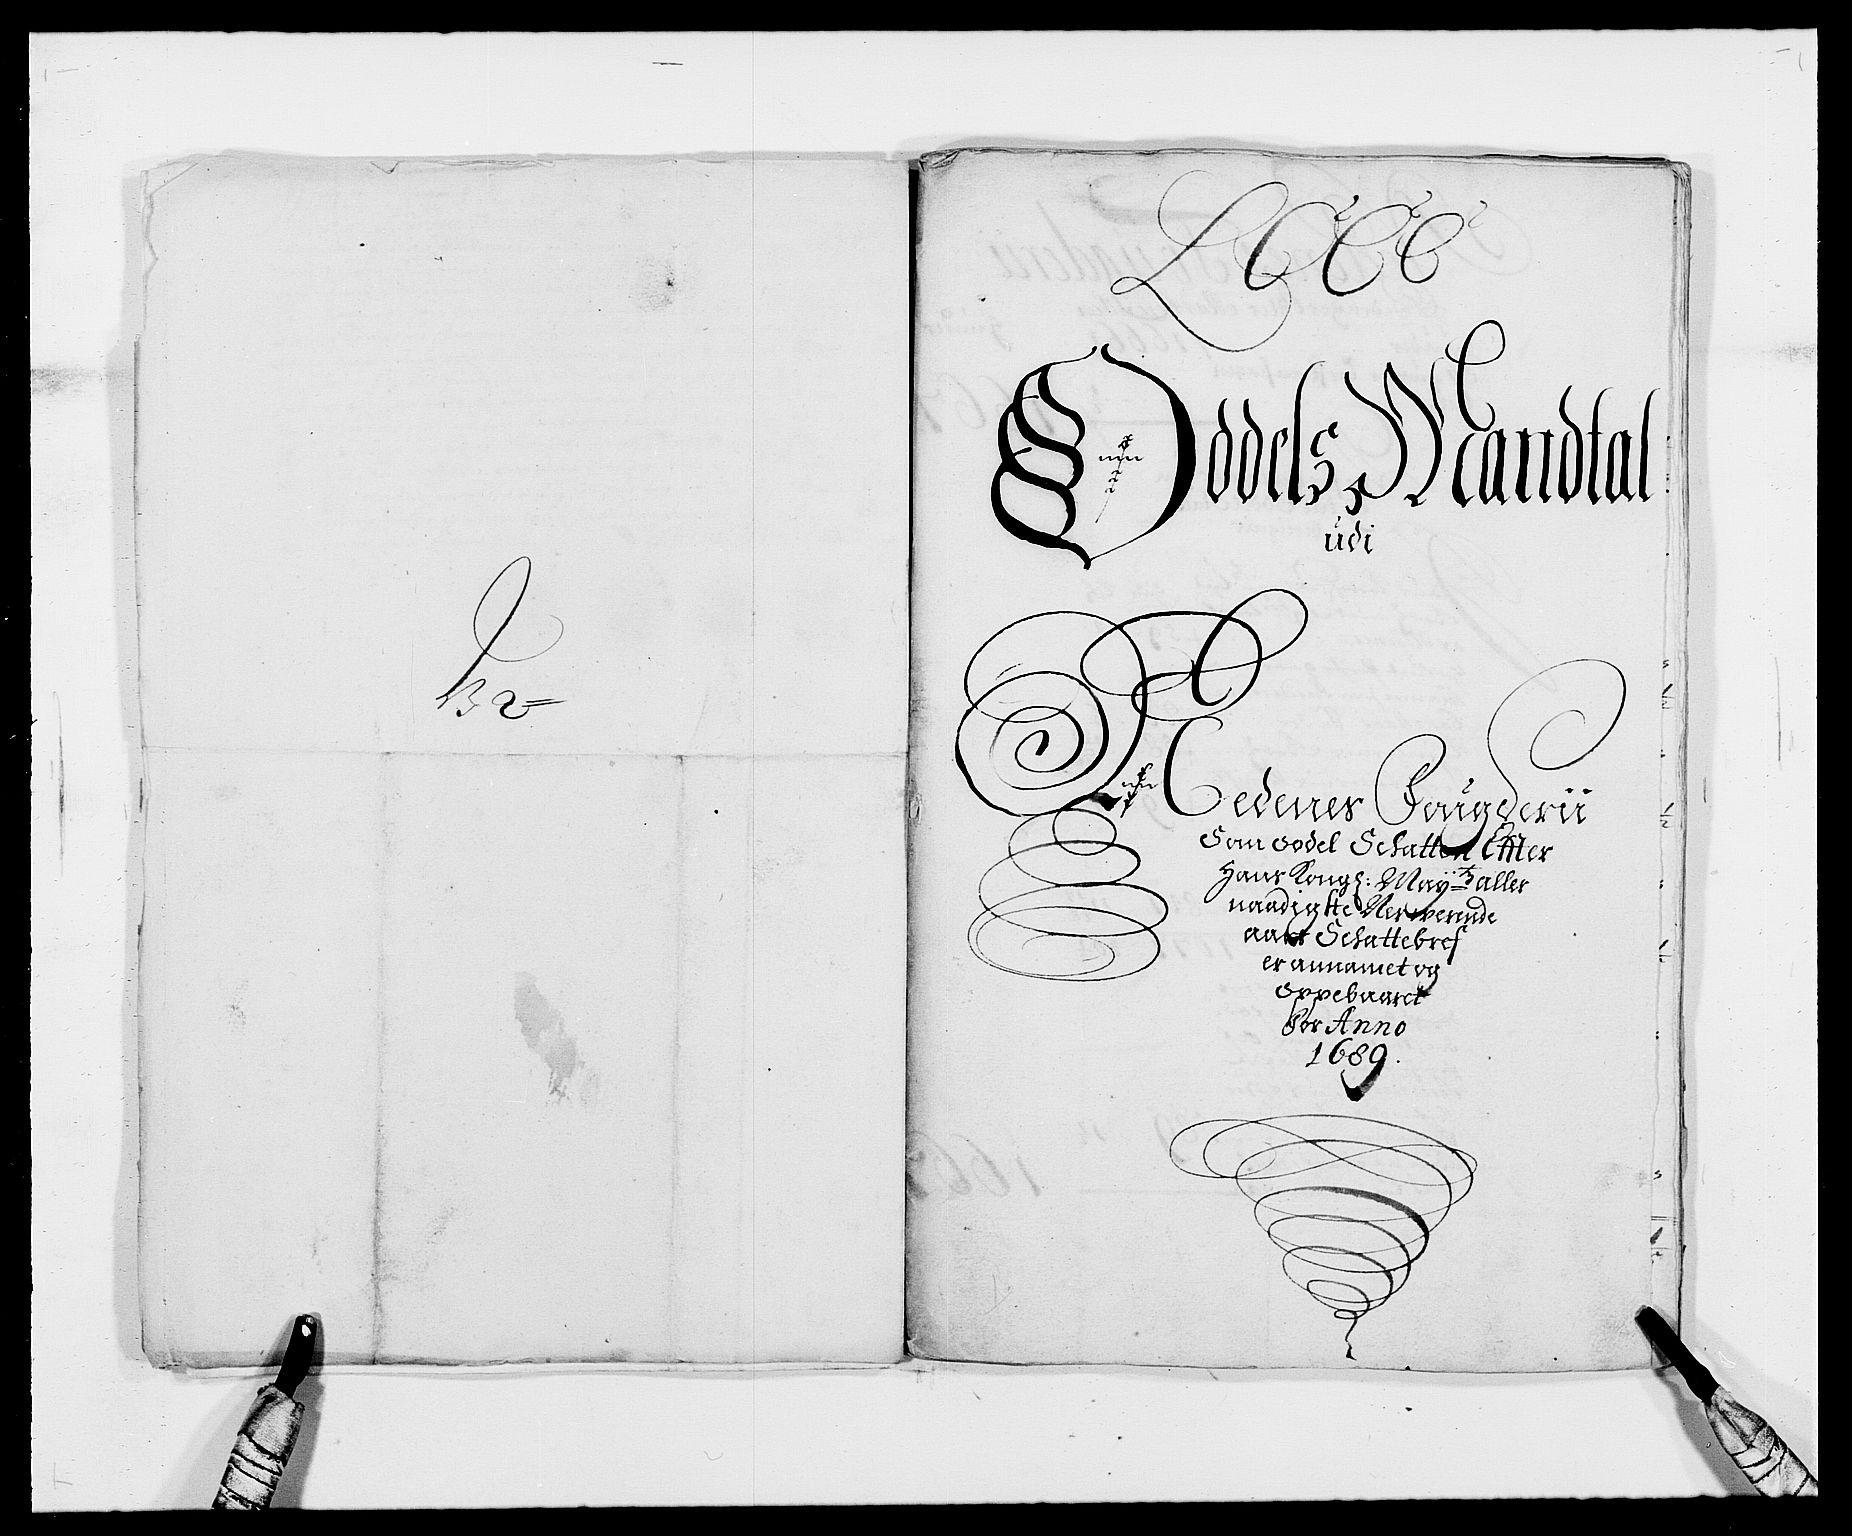 RA, Rentekammeret inntil 1814, Reviderte regnskaper, Fogderegnskap, R39/L2309: Fogderegnskap Nedenes, 1684-1689, s. 291